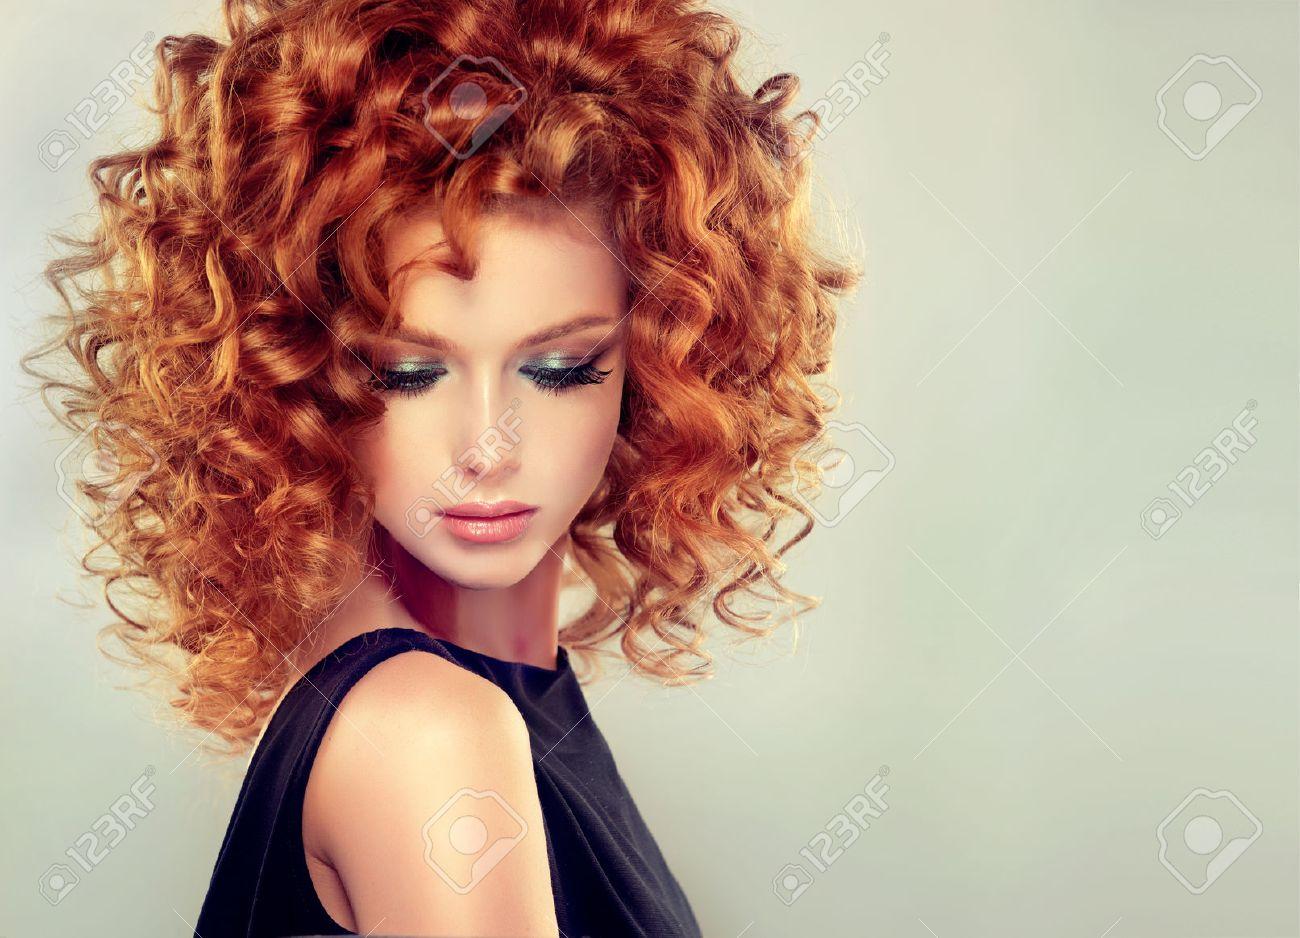 Ziemlich Rothaarige Madchen Mit Lockigen Frisur Und Elegant Make Up